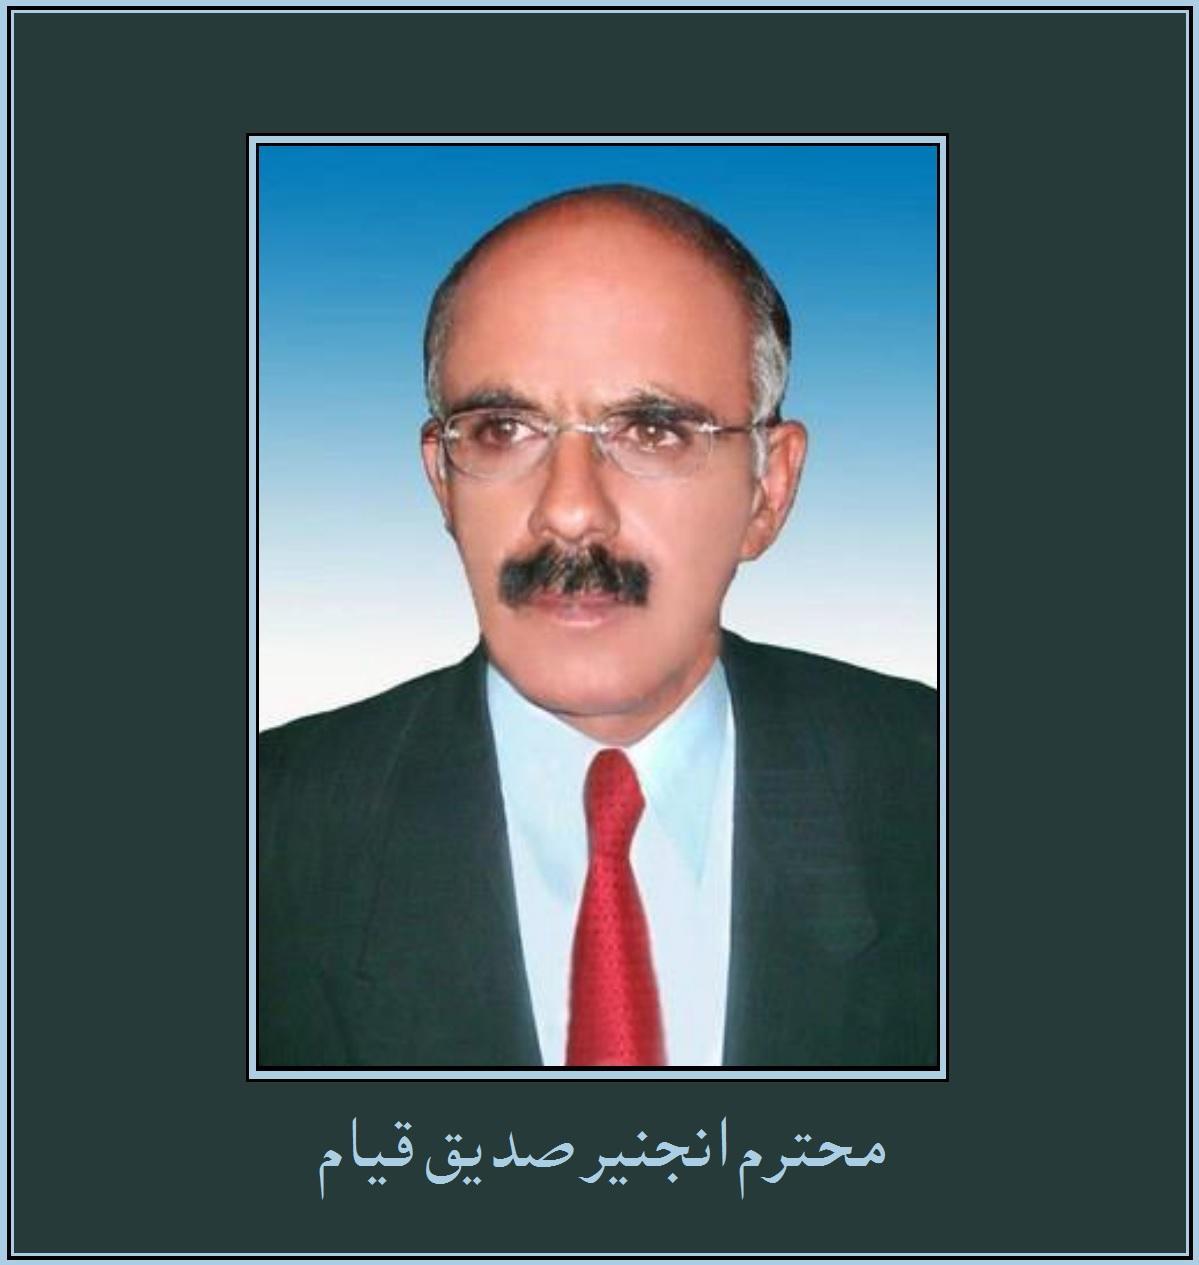 مصاحبه اختصاصی با محترم انجنیر صدیق قیام